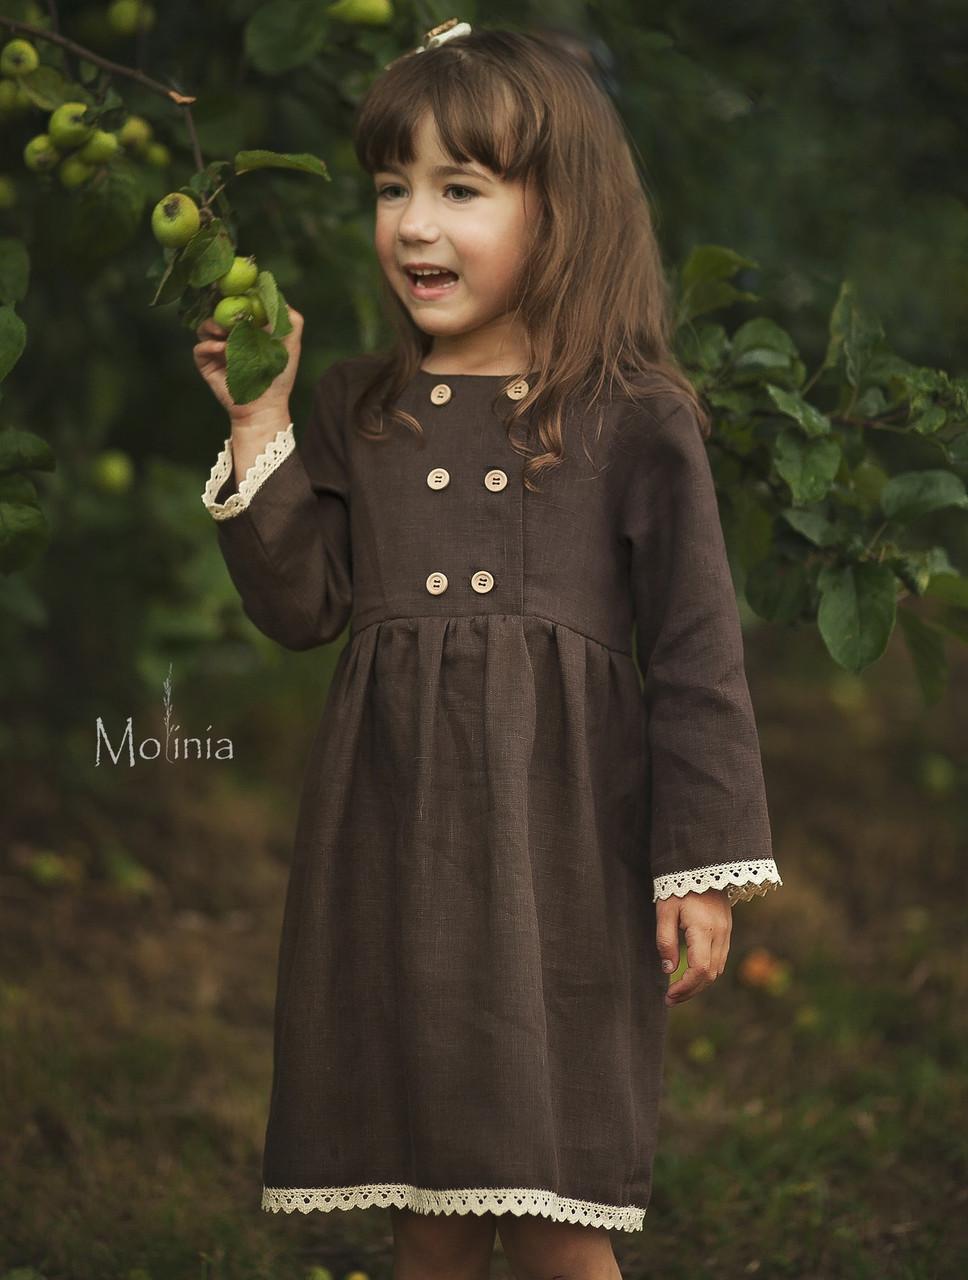 Льняное платье для девочек шоколадного цвета с белым кружевом - фото 3